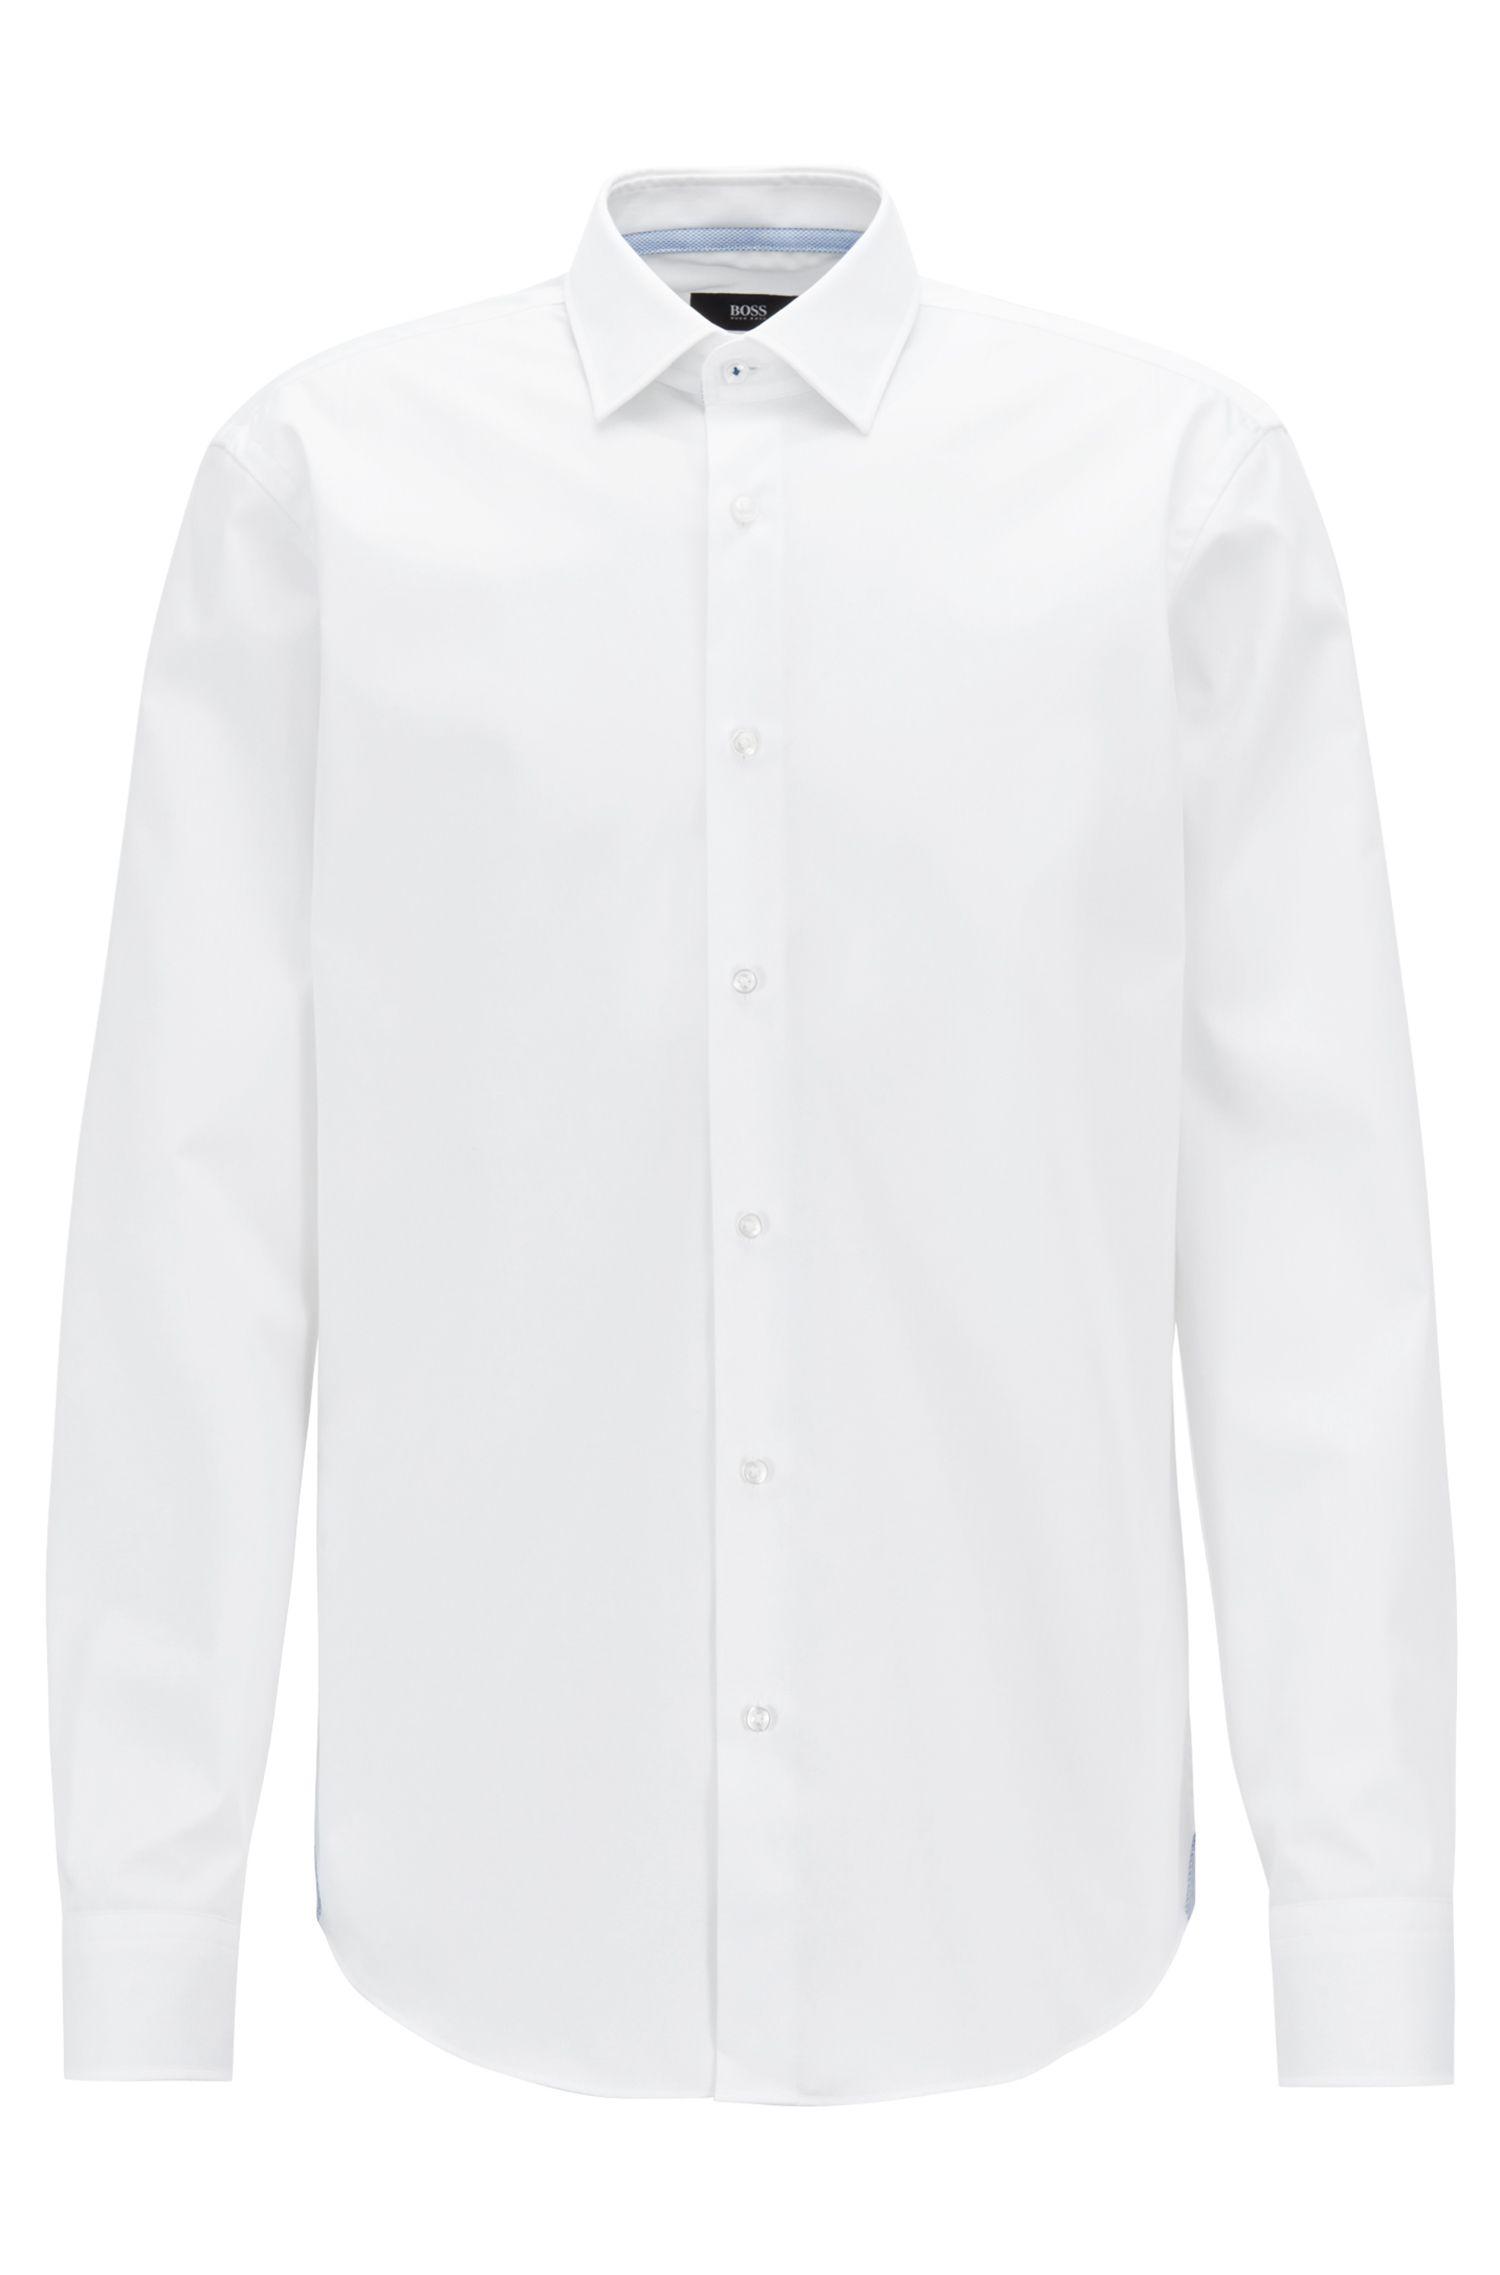 Bügelleichtes Regular-Fit Hemd mit kontrastfarbenen Details, Weiß